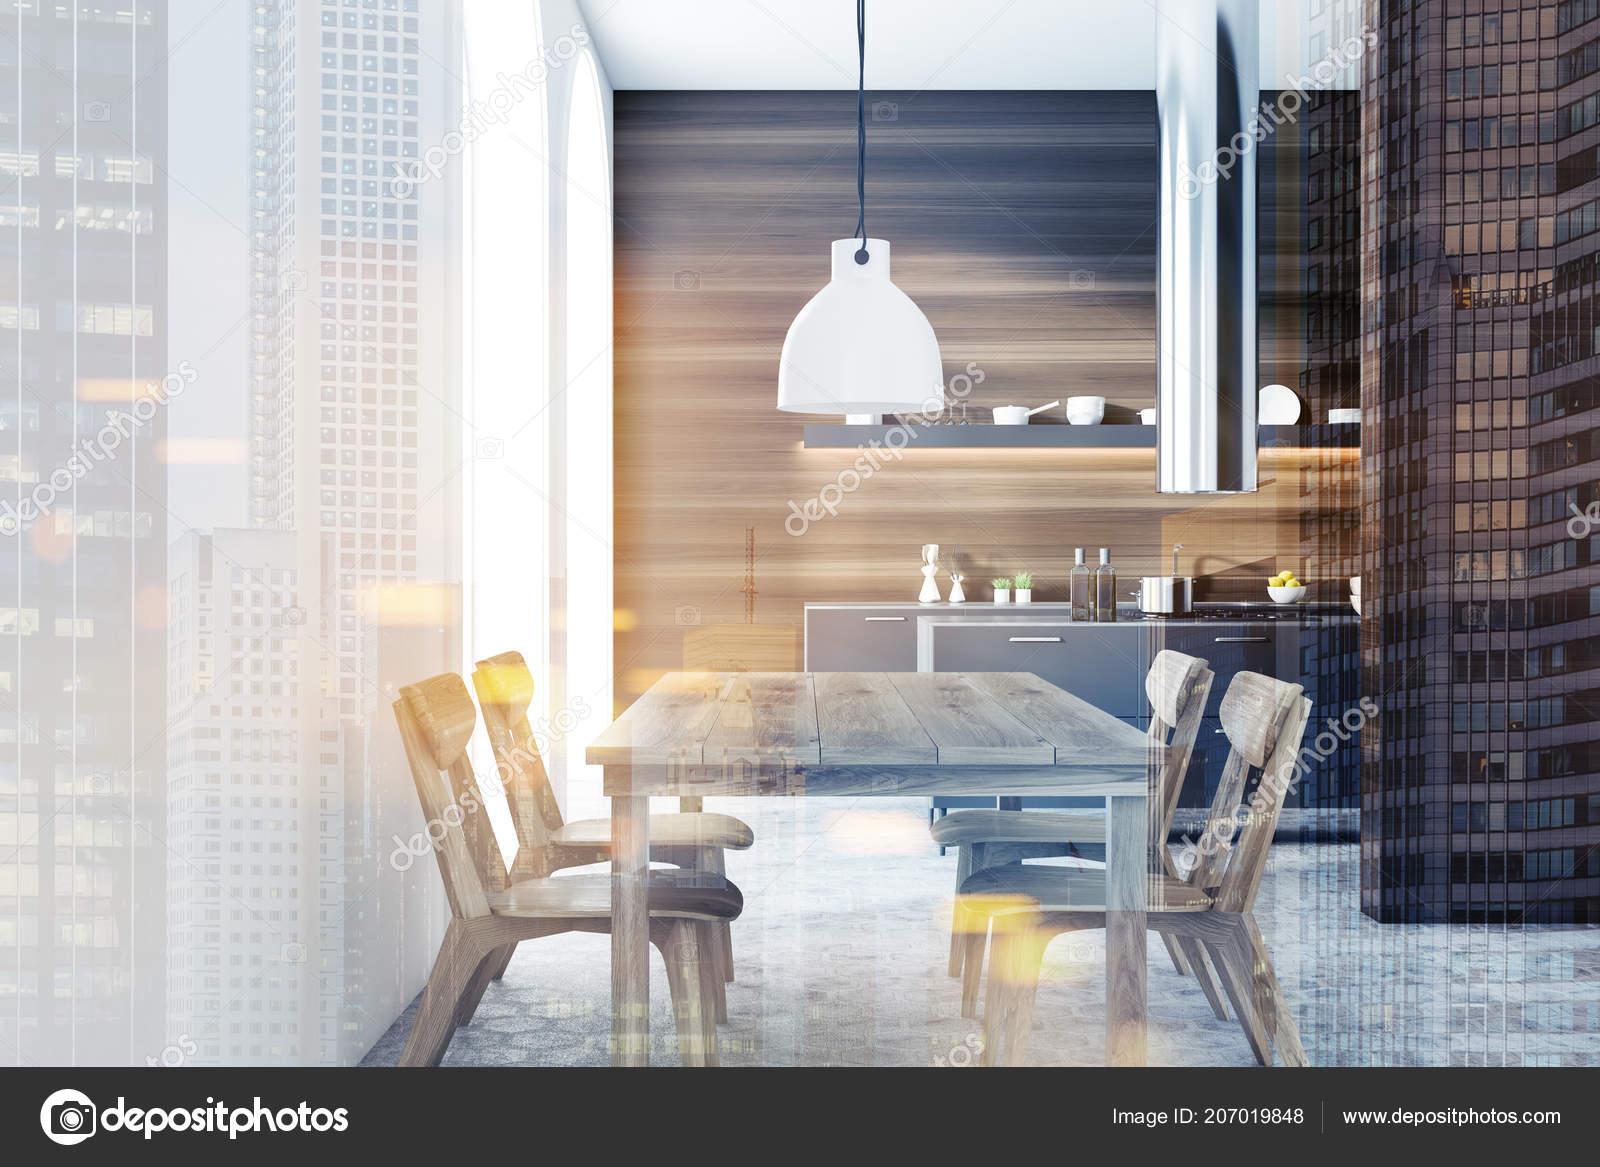 Küche Grauer Fußboden ~ Moderne küche interieur mit dunklen holzwänden ein grauer fußboden